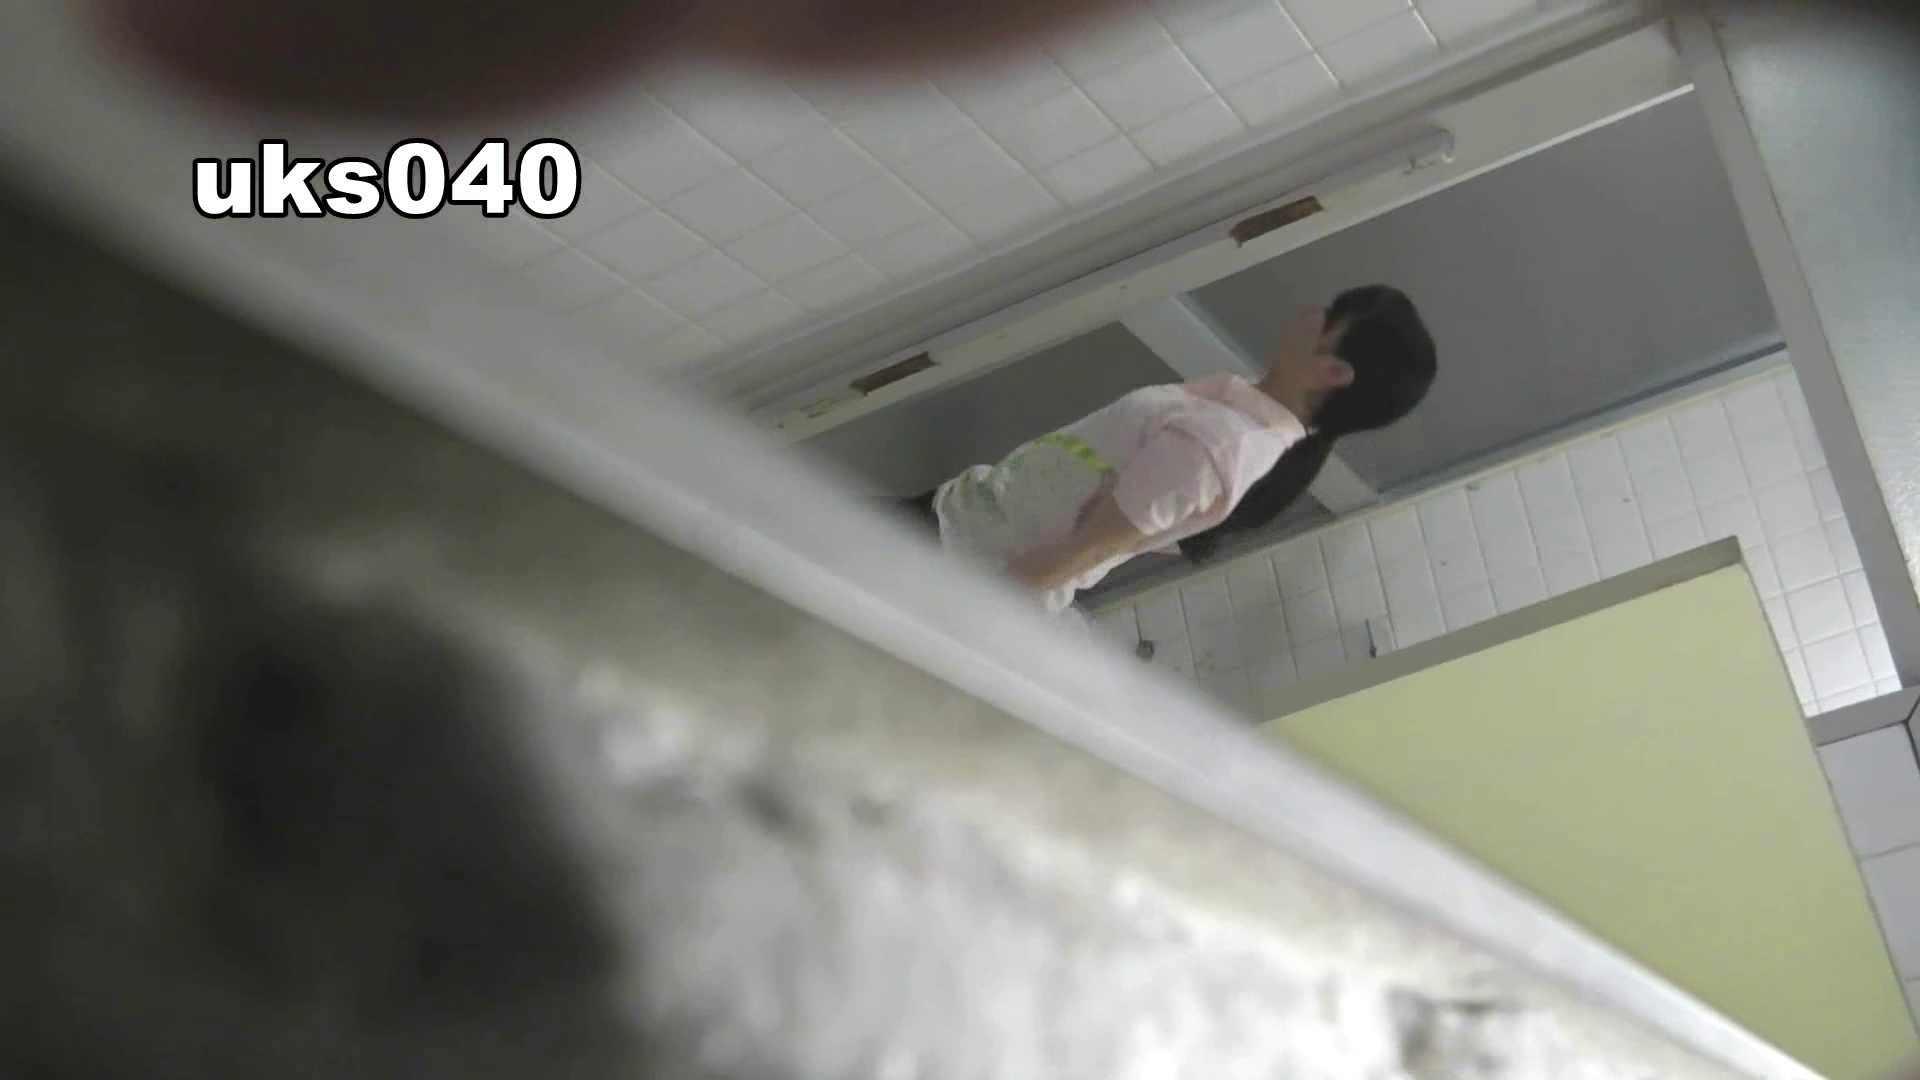 【美しき個室な世界】 vol.040 出て行かれる時の清楚姿撮り 高評価 濡れ場動画紹介 75画像 74